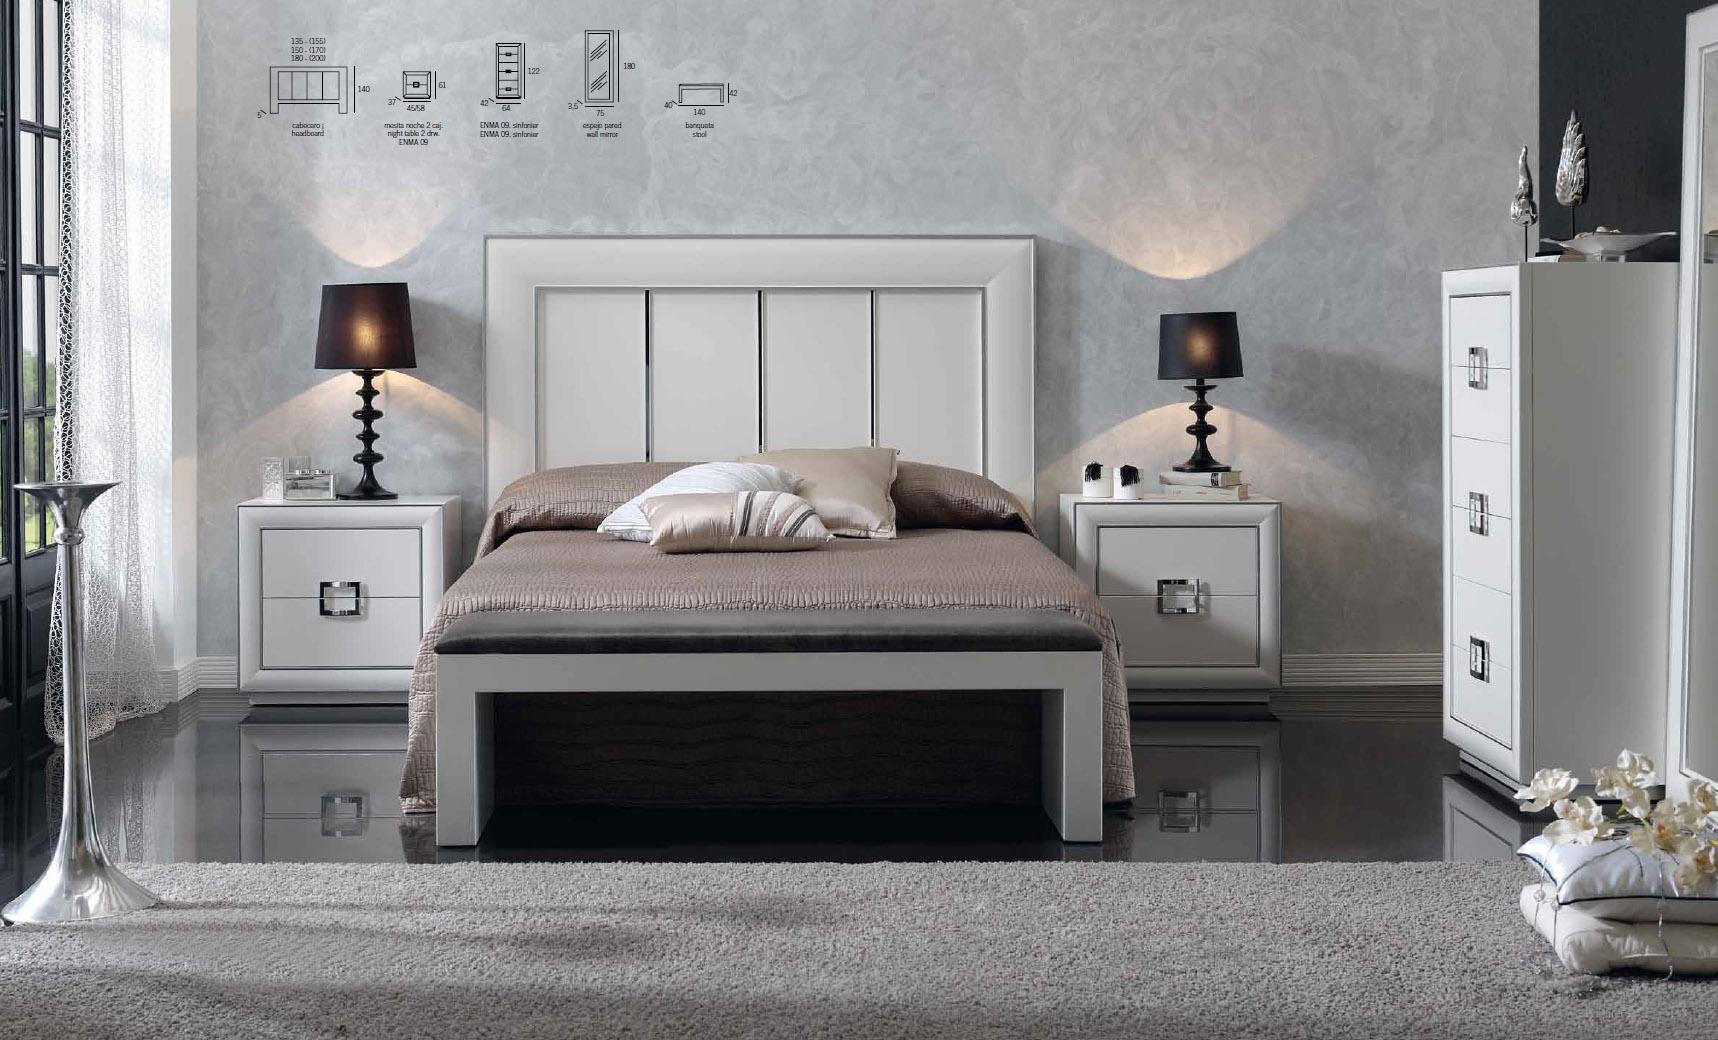 dormitorio de estilo contemporaneo (65)